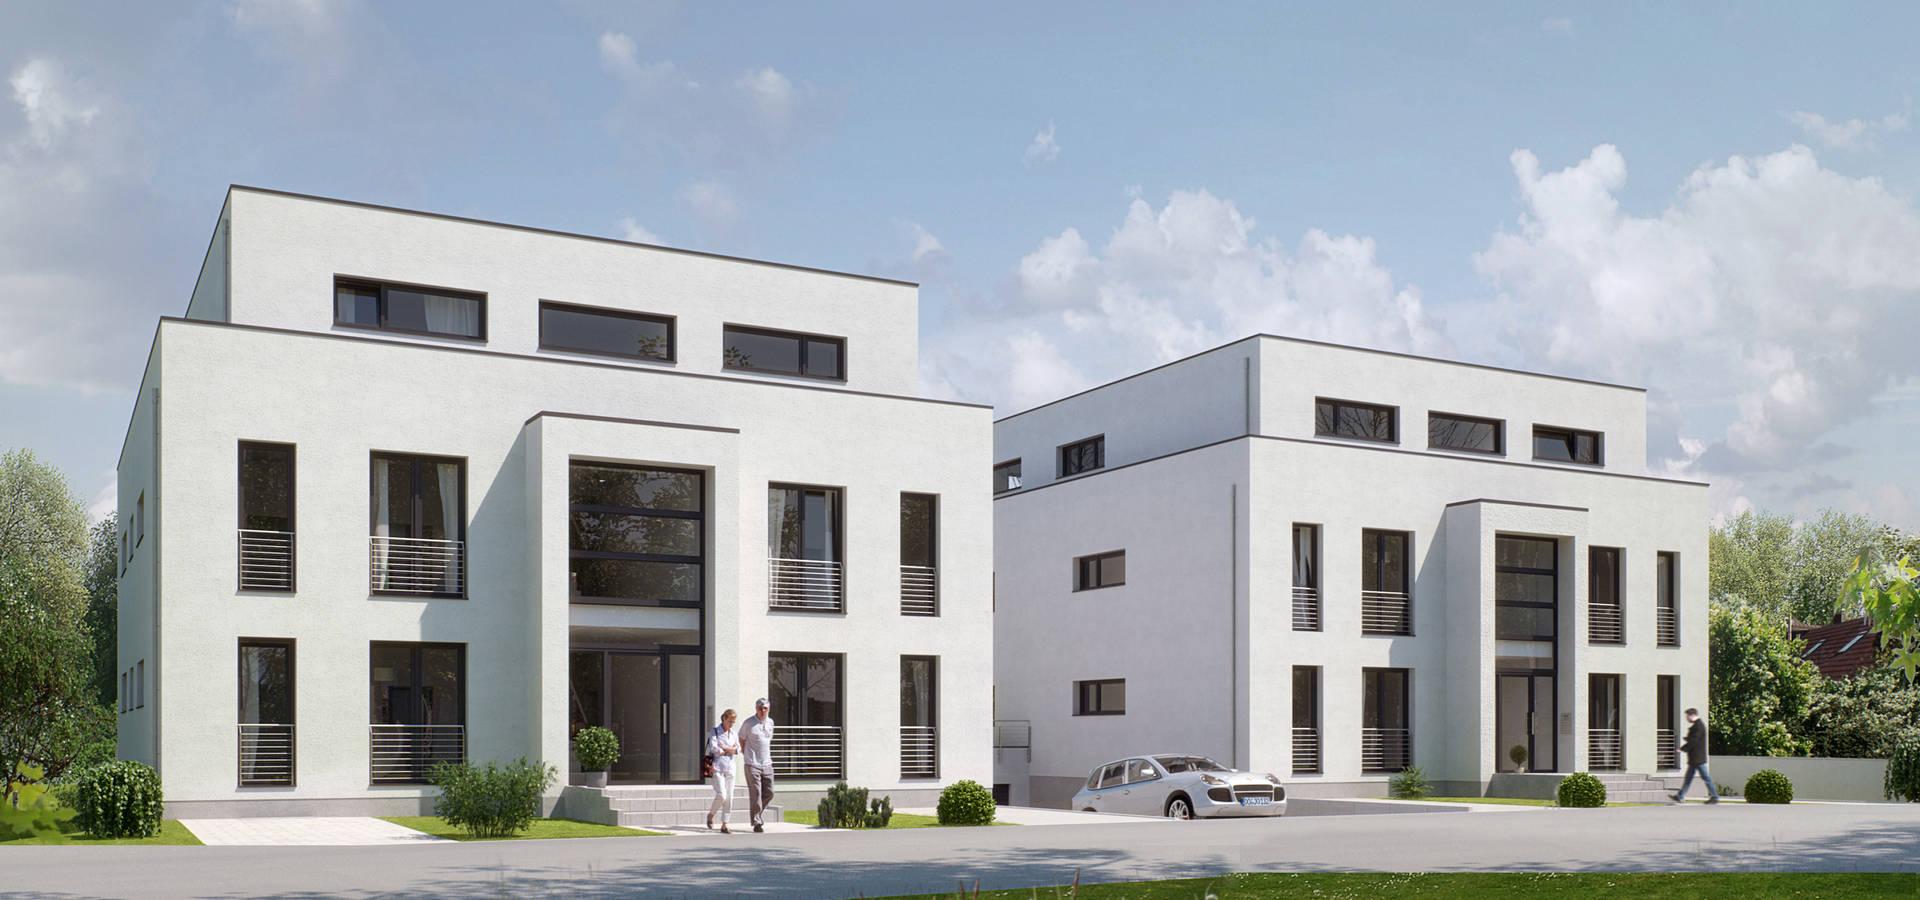 Architekt Dortmund architekt dortmund hausdesign pro